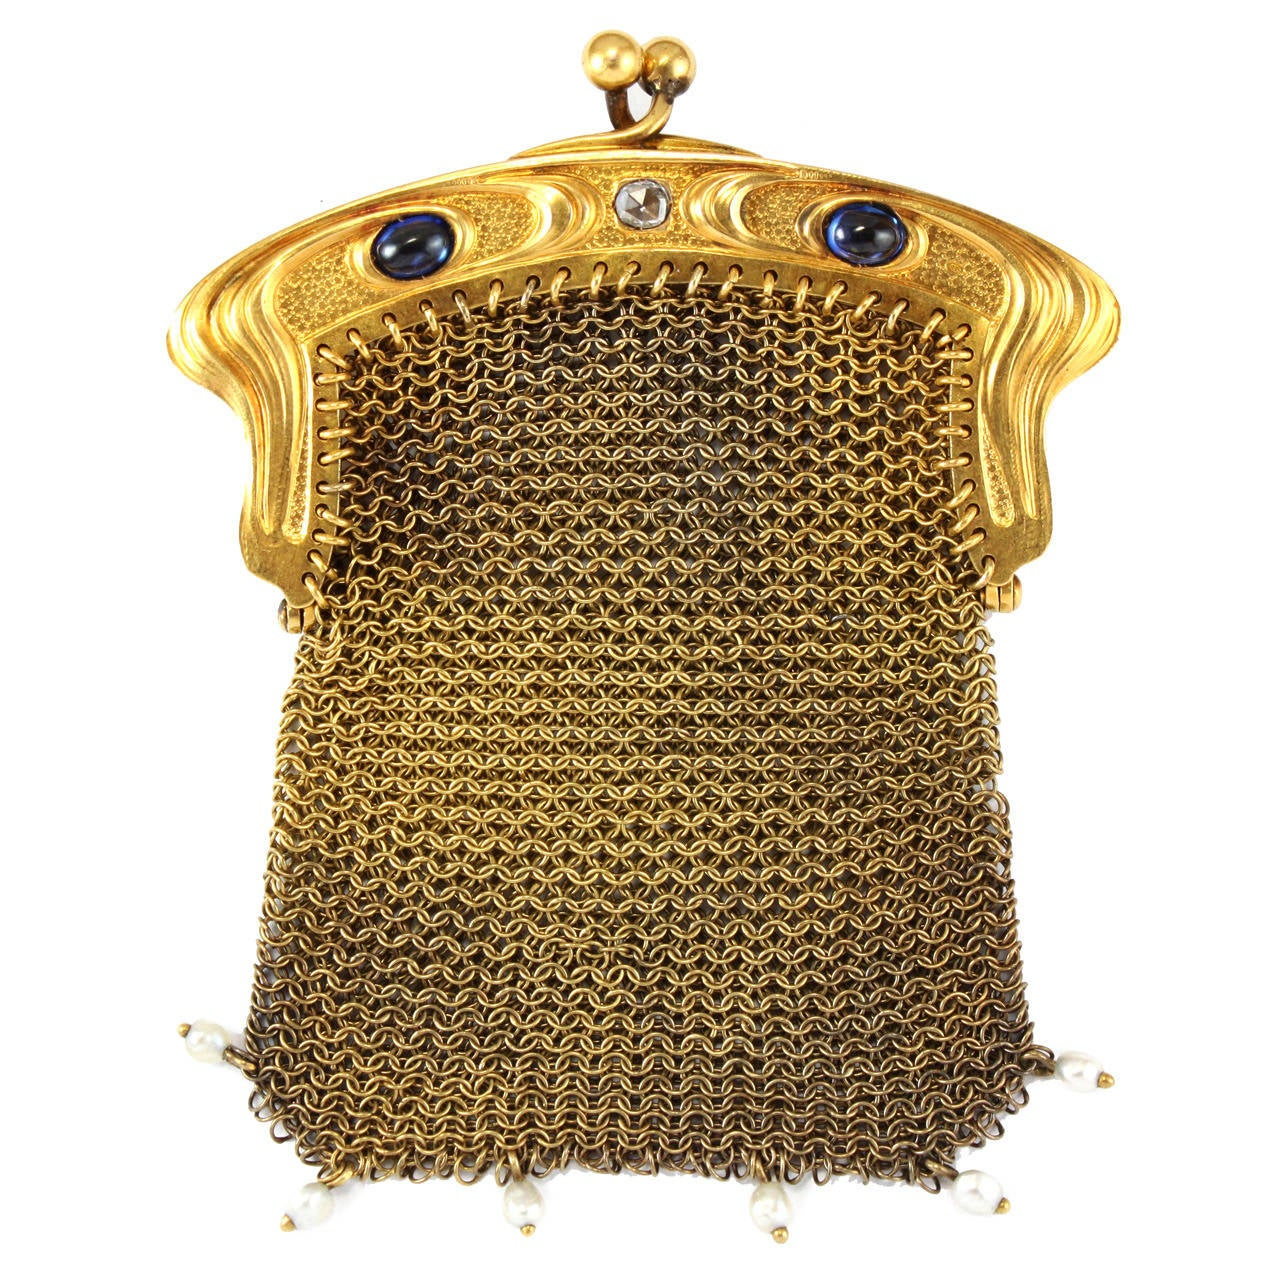 Art Nouveau Gold Mesh Bag 1900